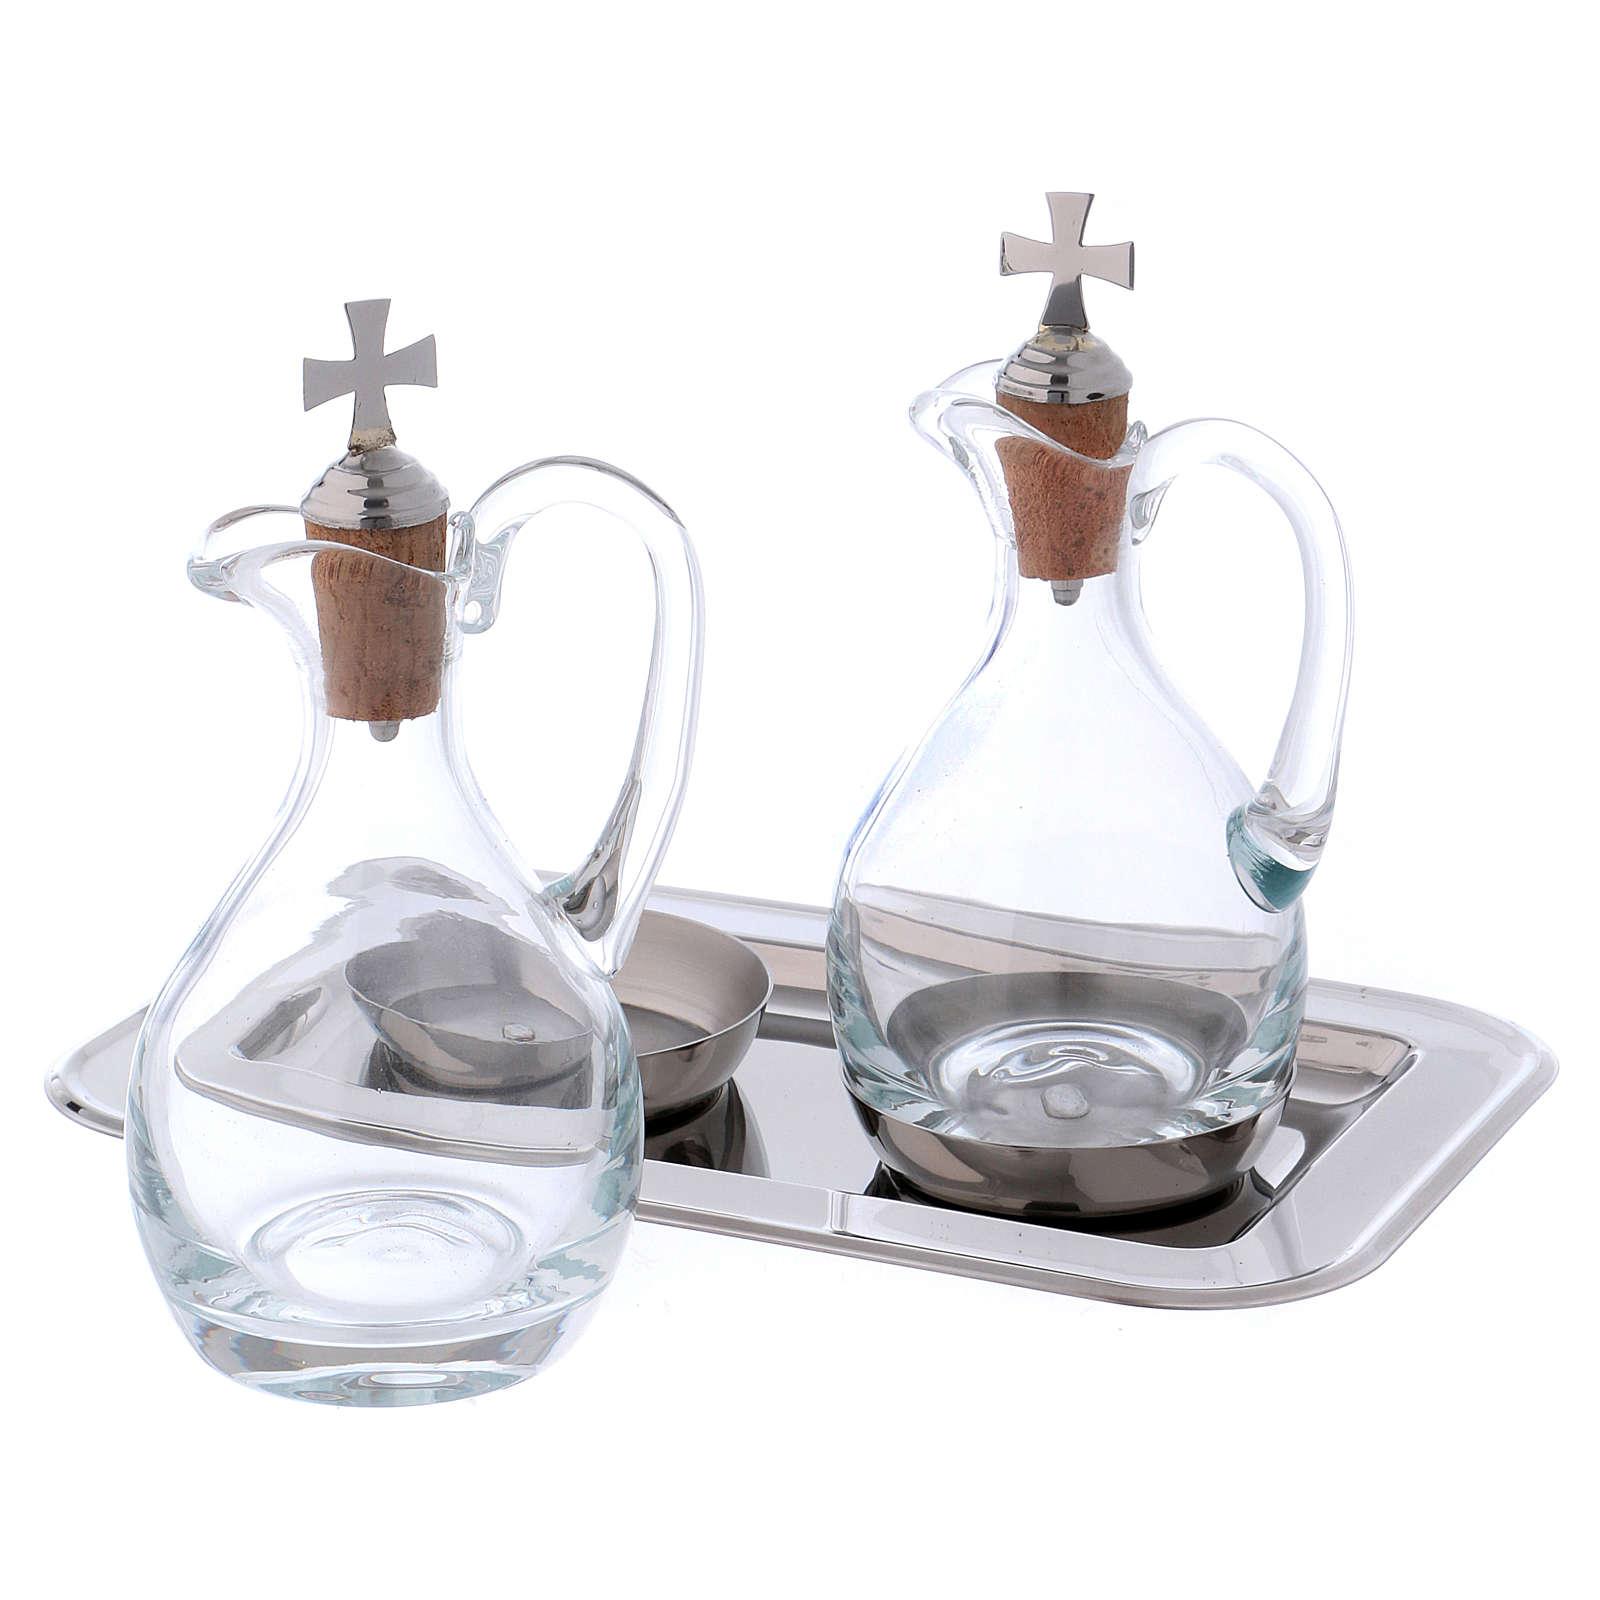 Vinajeras agua y vino Molina cristal y acero 4